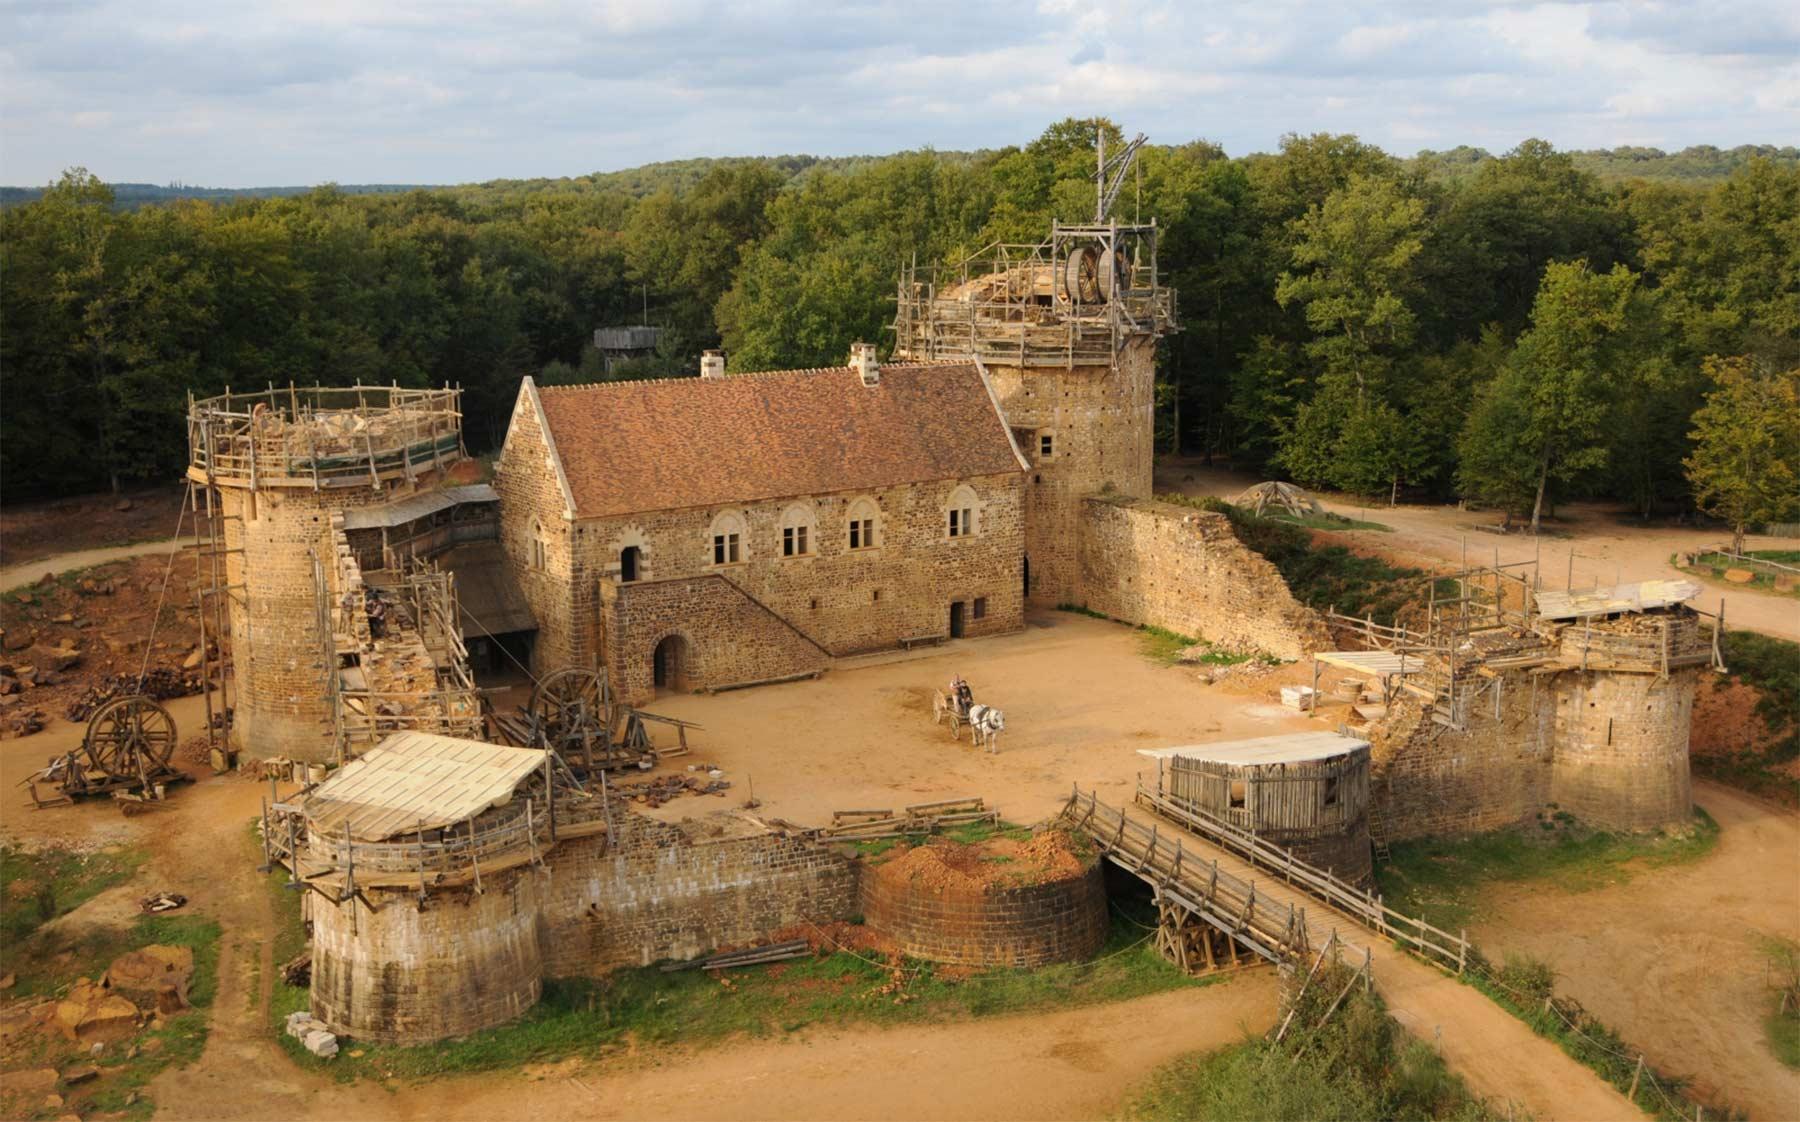 Diese Burg wird seit 20 Jahren mit mittelalterlichen Mitteln erbaut